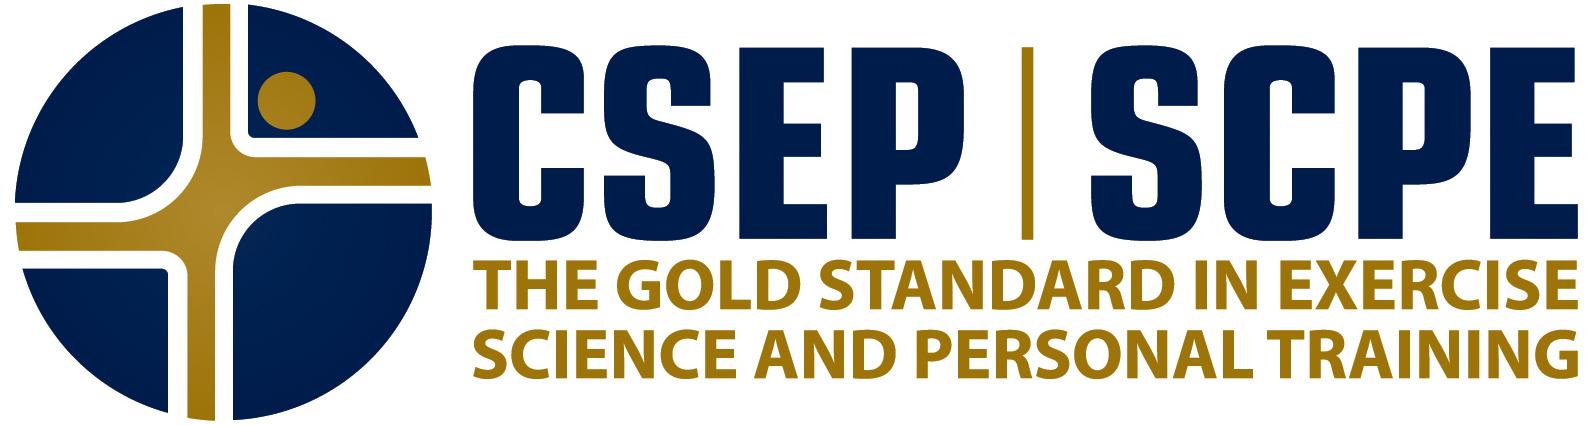 csep logo 2.jpg